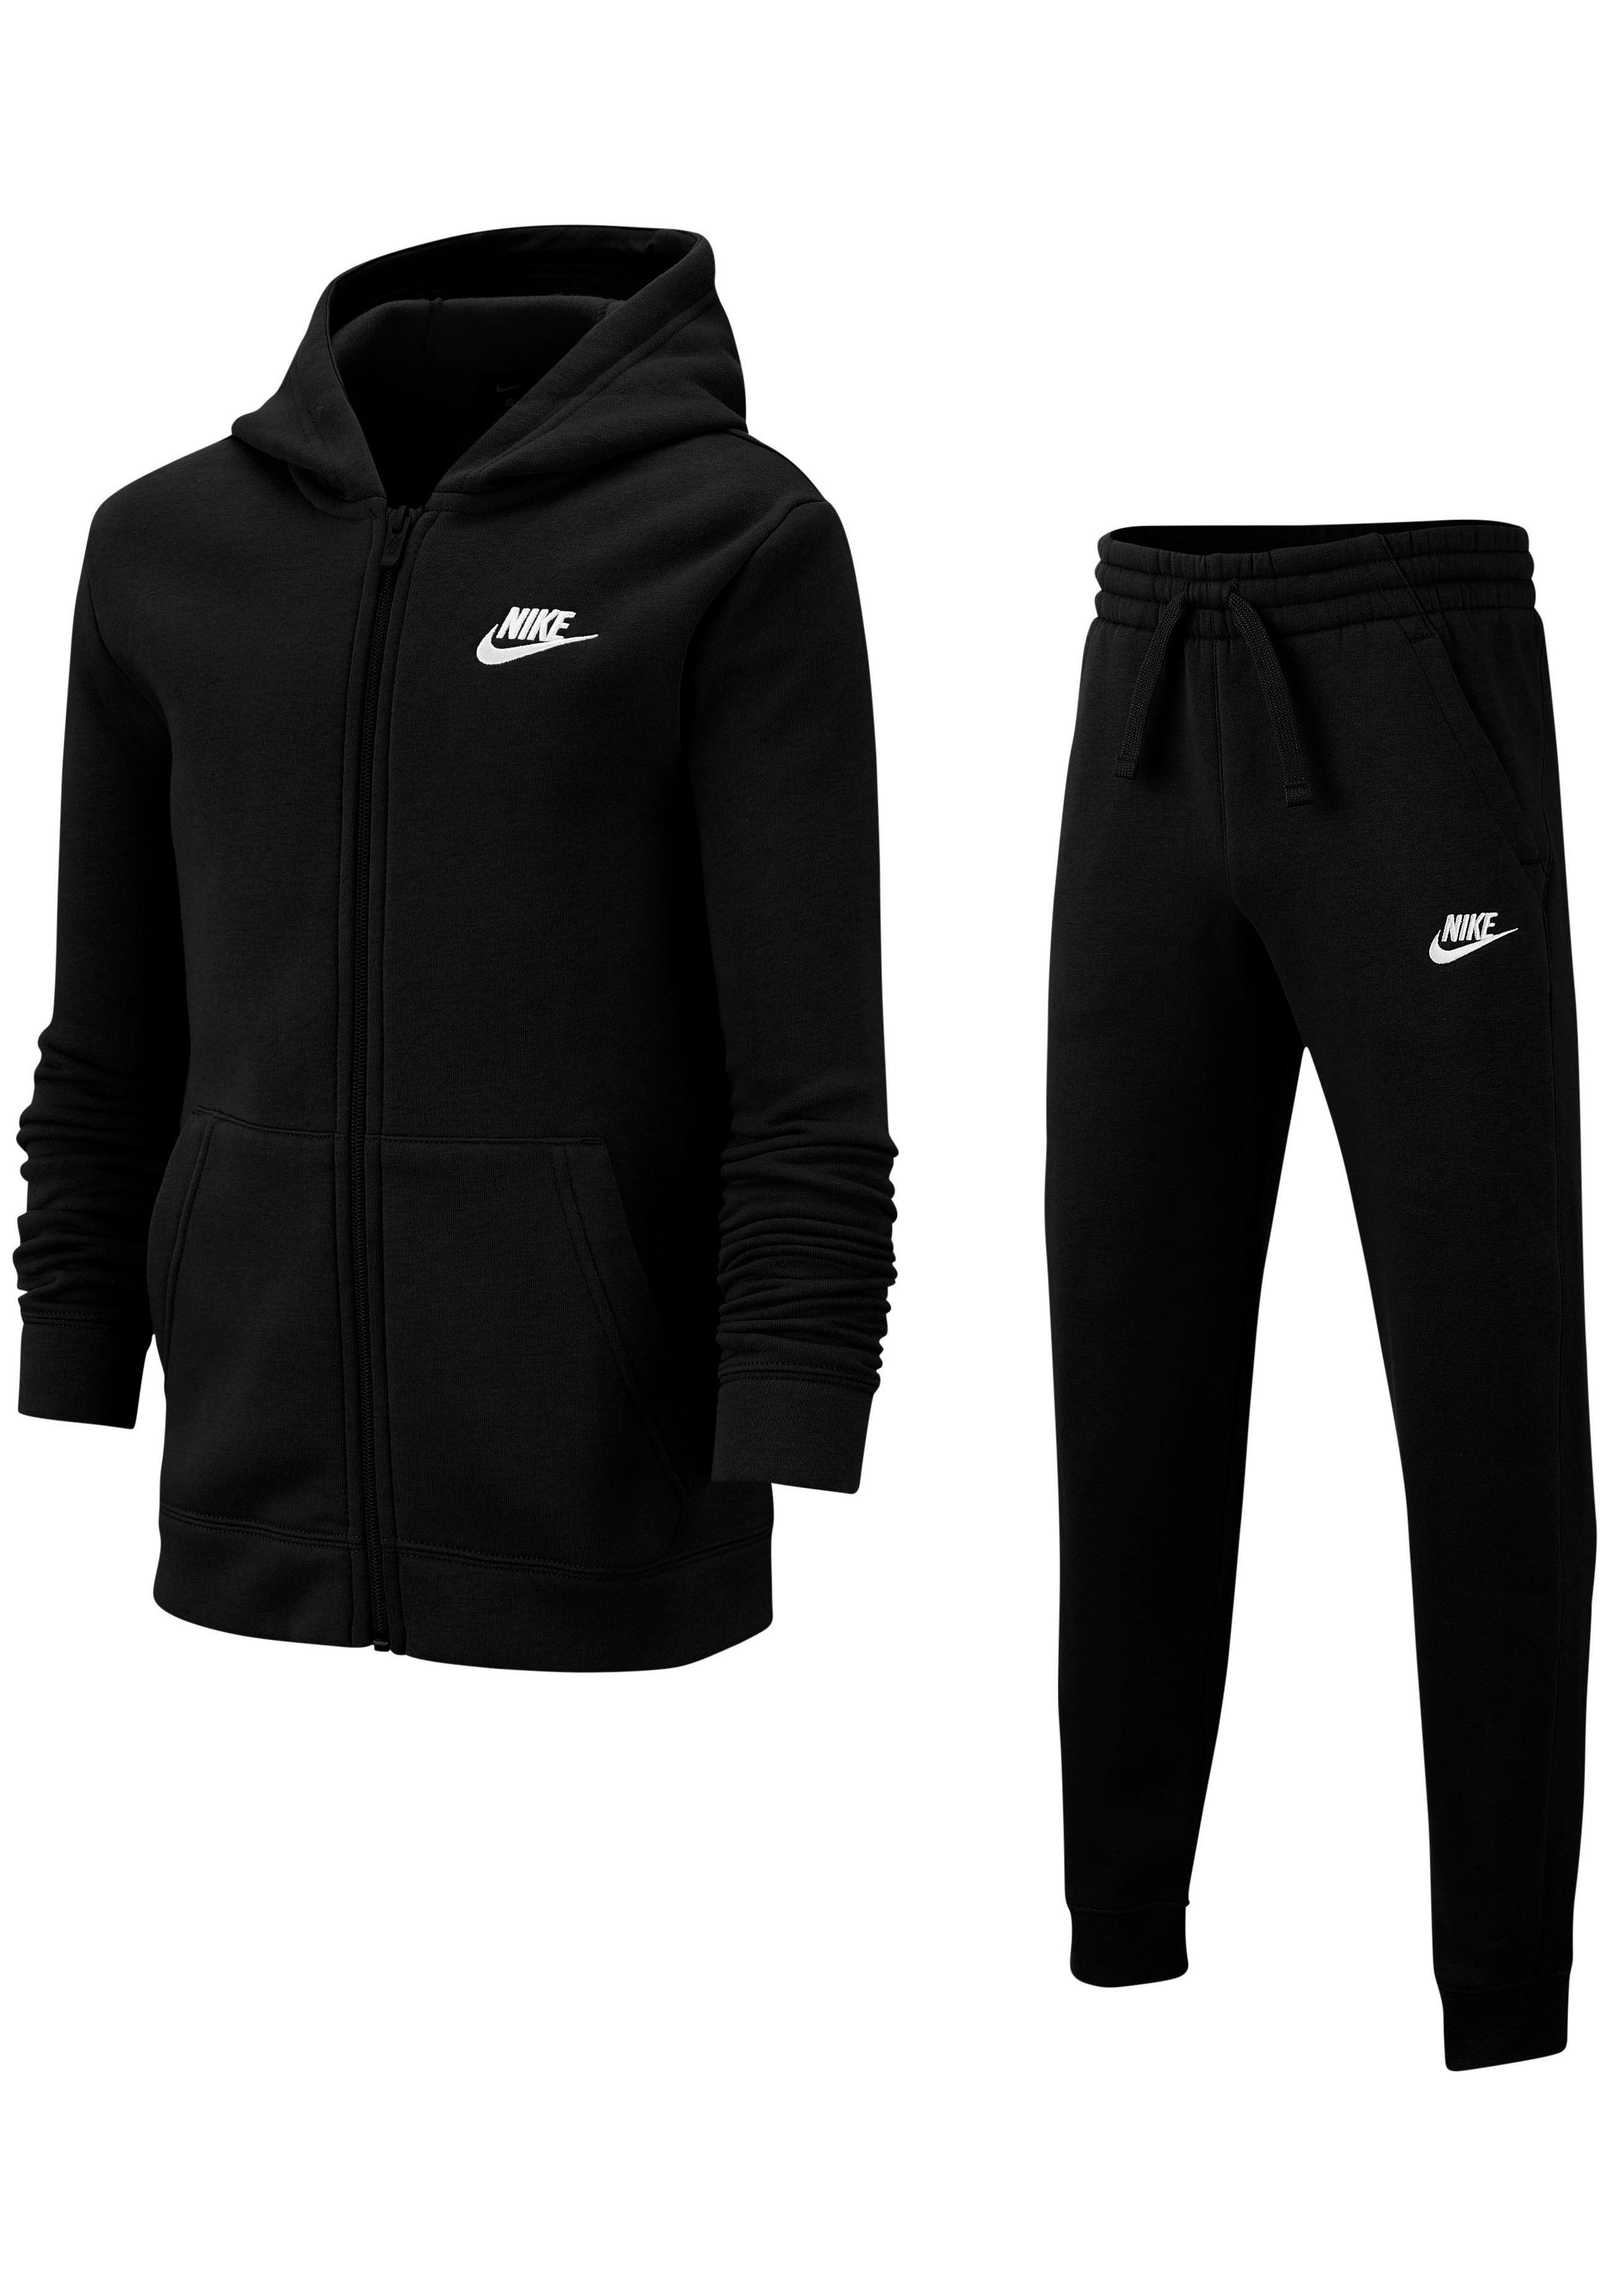 Nike Sportswear joggingpak »BOYS TRACKSUIT CORE FLEECE« (set, 2-delig) bij OTTO online kopen